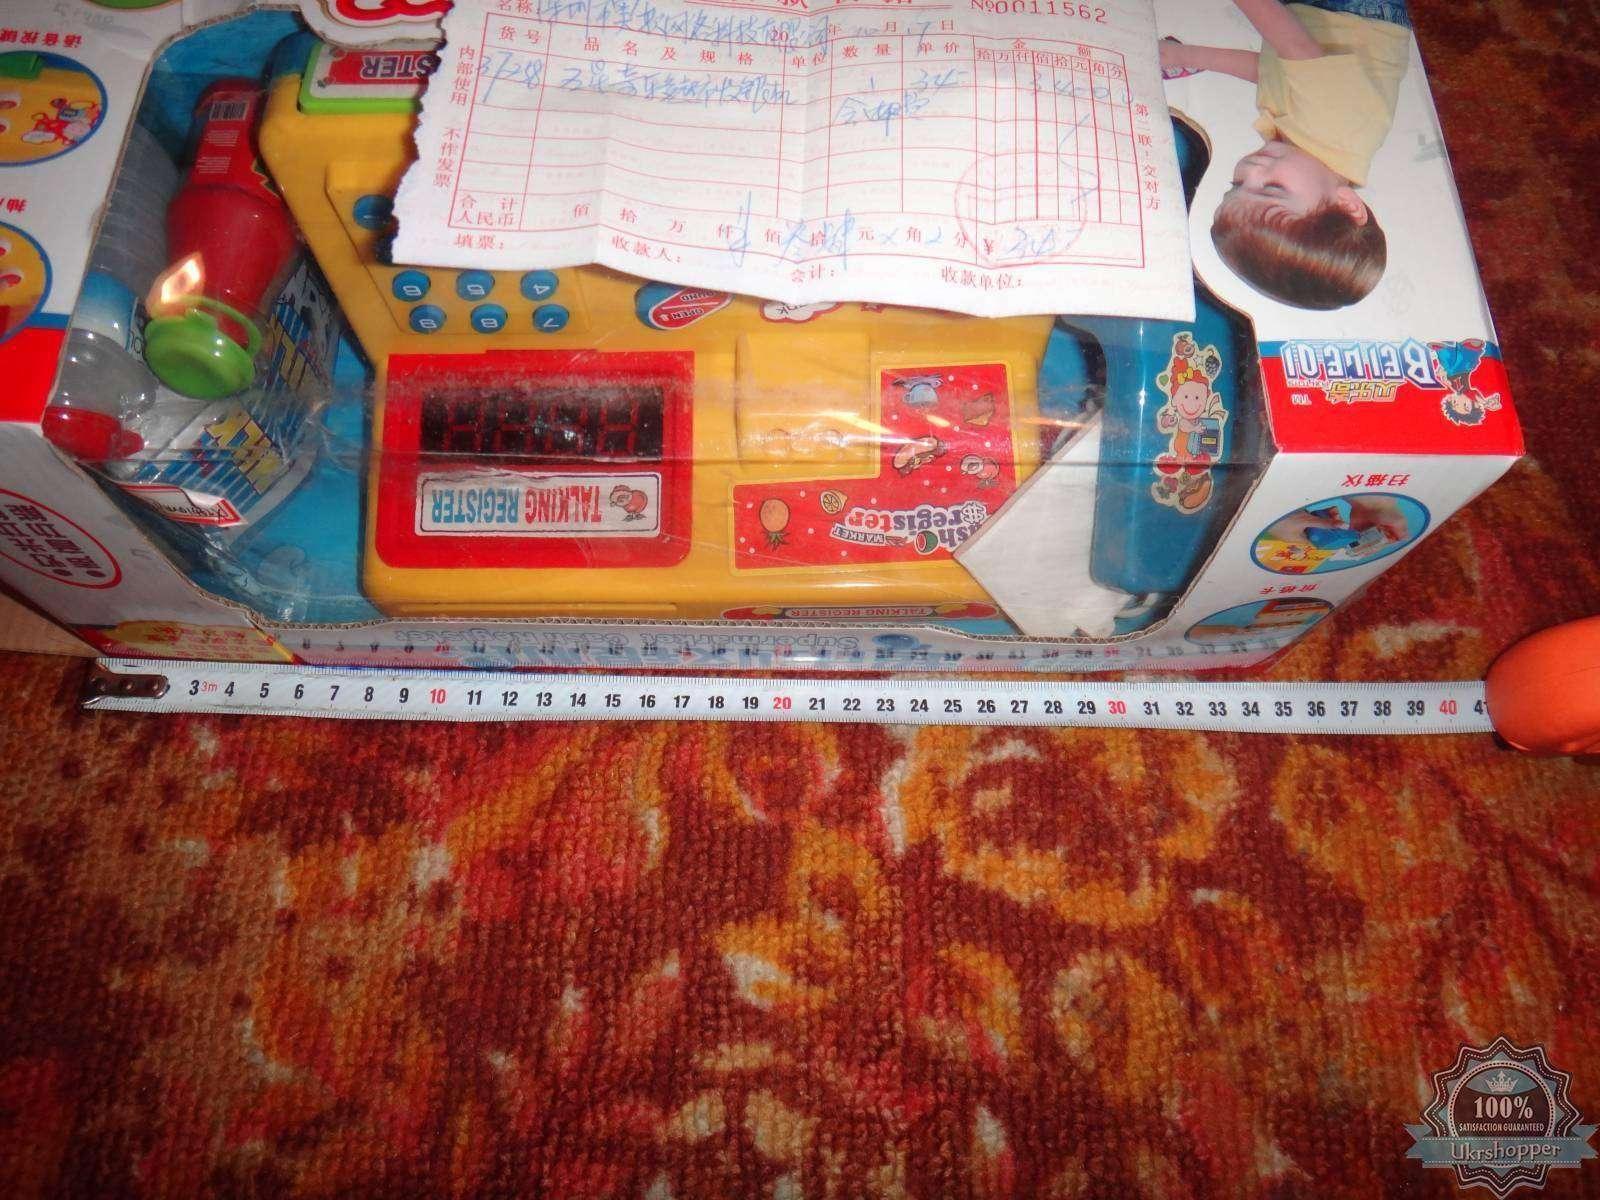 Aliexpress: Обзор игрушки кассы с товаром, песнями и сканером штрихкодов